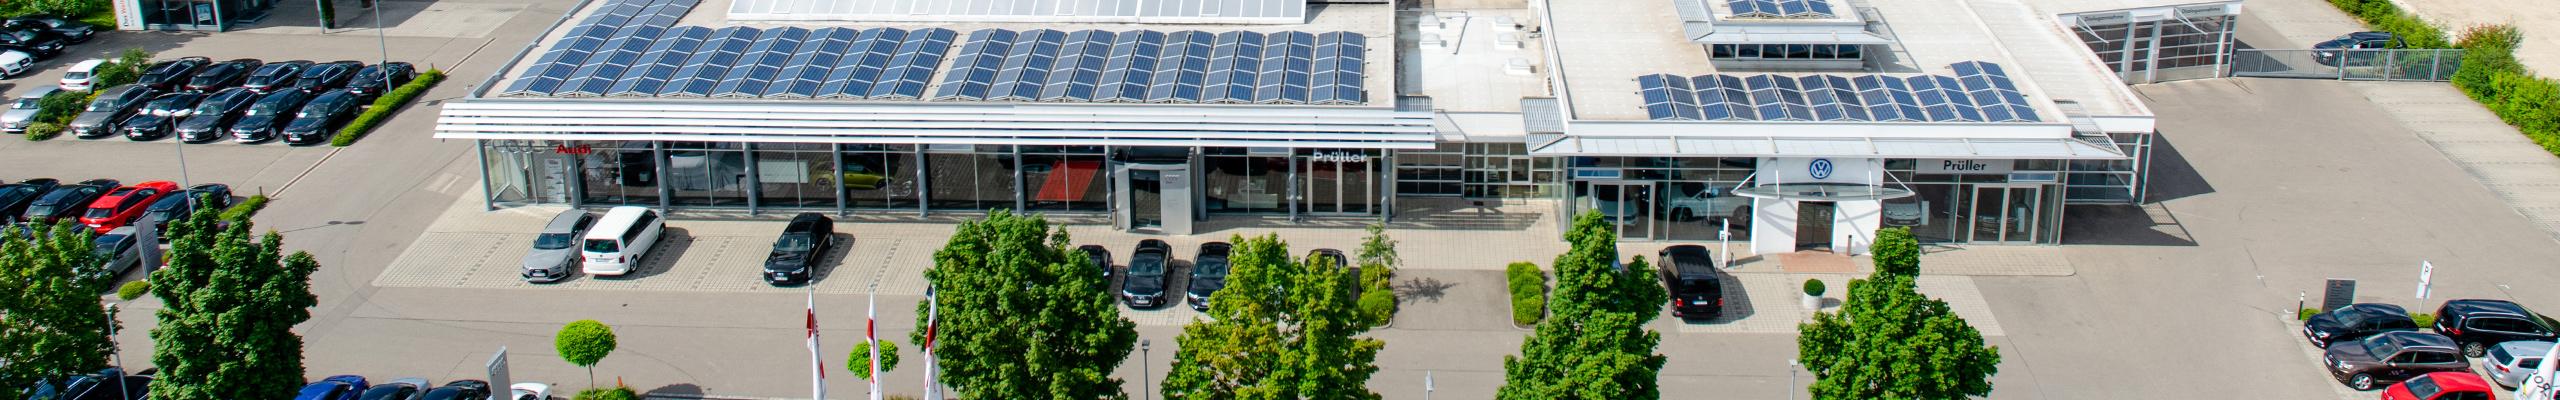 autohaus-prueller-oben_sm